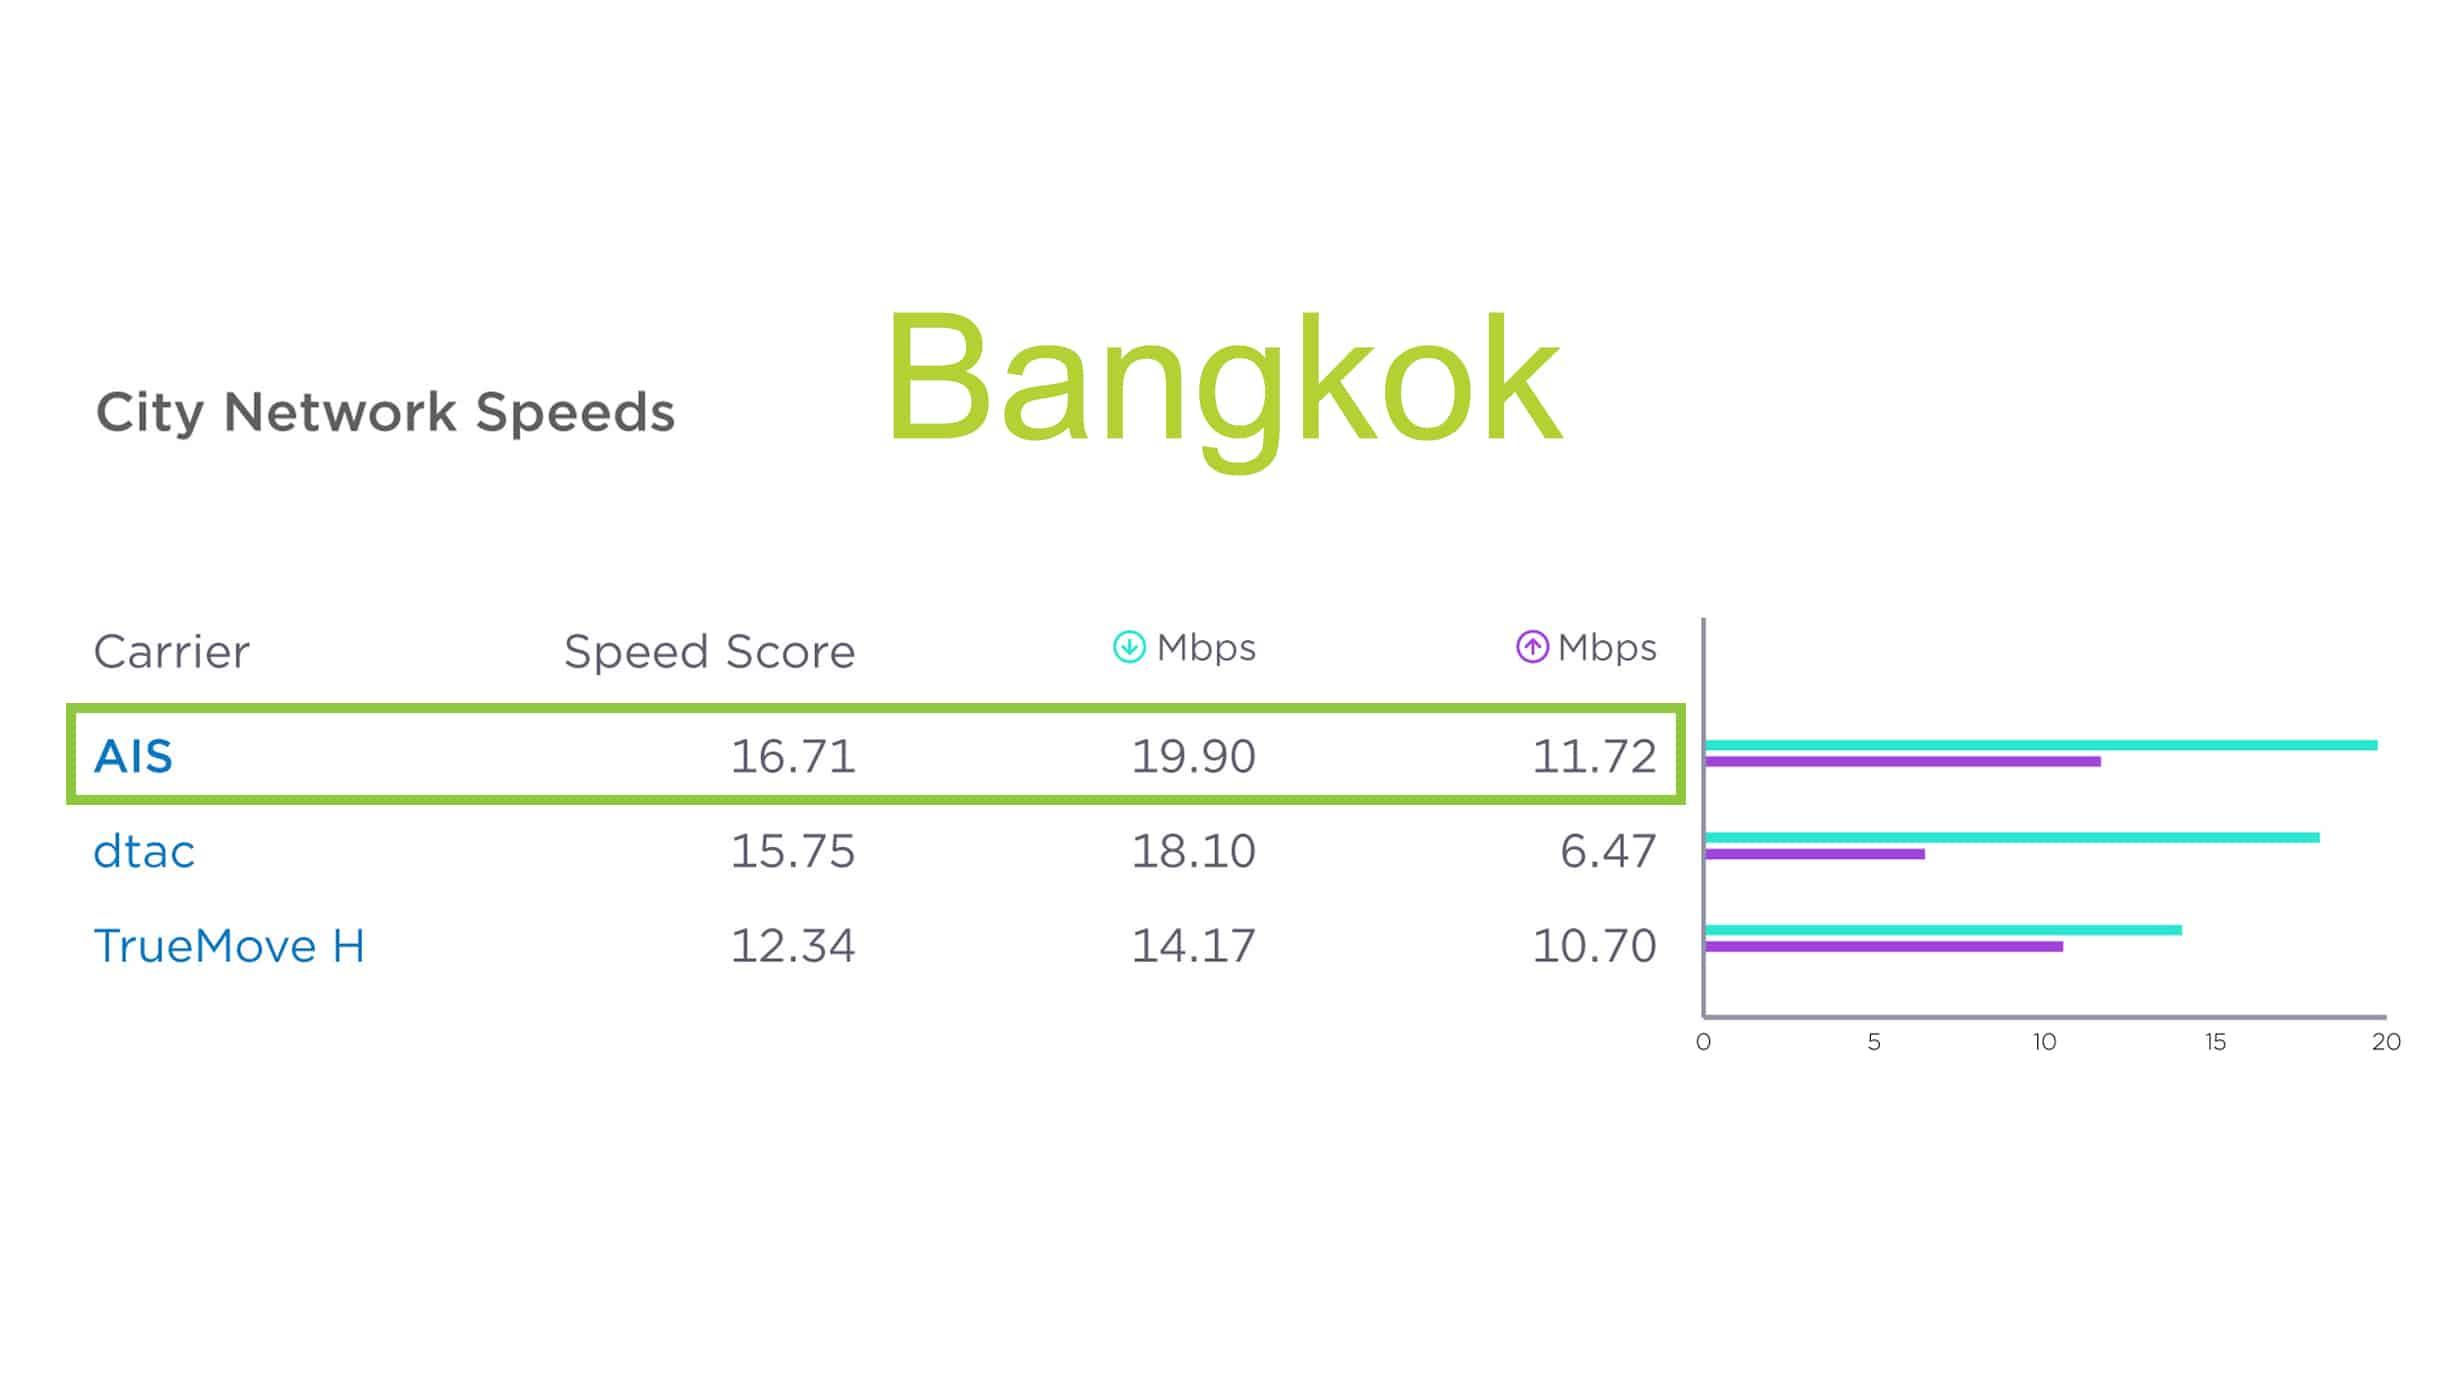 05 City Network Speed Bangkok  - Ookla Speedtest เผยครึ่งปีหลังของปี 2018 AIS เป็นอันดับ 1 เครือข่ายมือถือที่เร็วที่สุดในประเทศไทย 4 ปีซ้อน